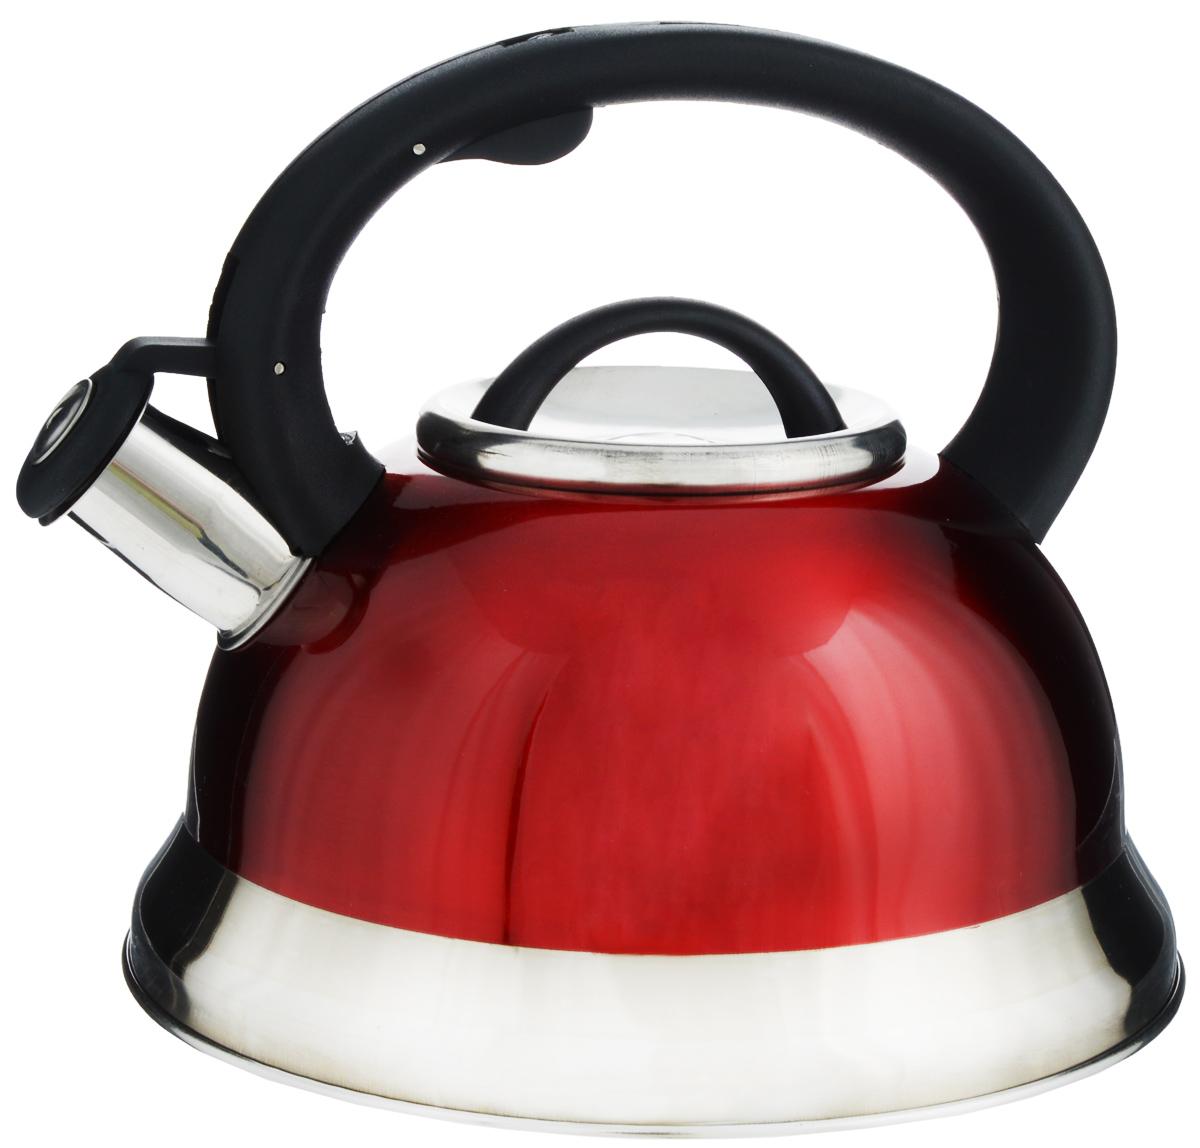 Чайник Mayer & Boch, со свистком, цвет: красный, черный, 3 л. 2574625746Чайник Mayer & Boch выполнен из долговечной и прочной нержавеющей стали, что делает его весьма гигиеничным и устойчивым к износу при длительном использовании. Гладкая и ровная поверхность существенно облегчает уход за посудой. Выполненный из качественных материалов, чайник при кипячении сохраняет все полезные свойства воды. Изделие оснащено свистком, благодаря которому вы можете не беспокоиться о том, что закипевшая вода зальет плиту. Как только вода закипит - свисток оповестит вас об этом. Фиксированная ручка, изготовленная из пластика, делает использование чайника очень удобным и безопасным. Подходит для всех типов плит, кроме индукционных. Можно мыть в посудомоечной машине. Высота чайника (с учетом ручки и крышки): 20 см. Диаметр основания: 22 см. Диаметр (по верхнему краю): 10 см.